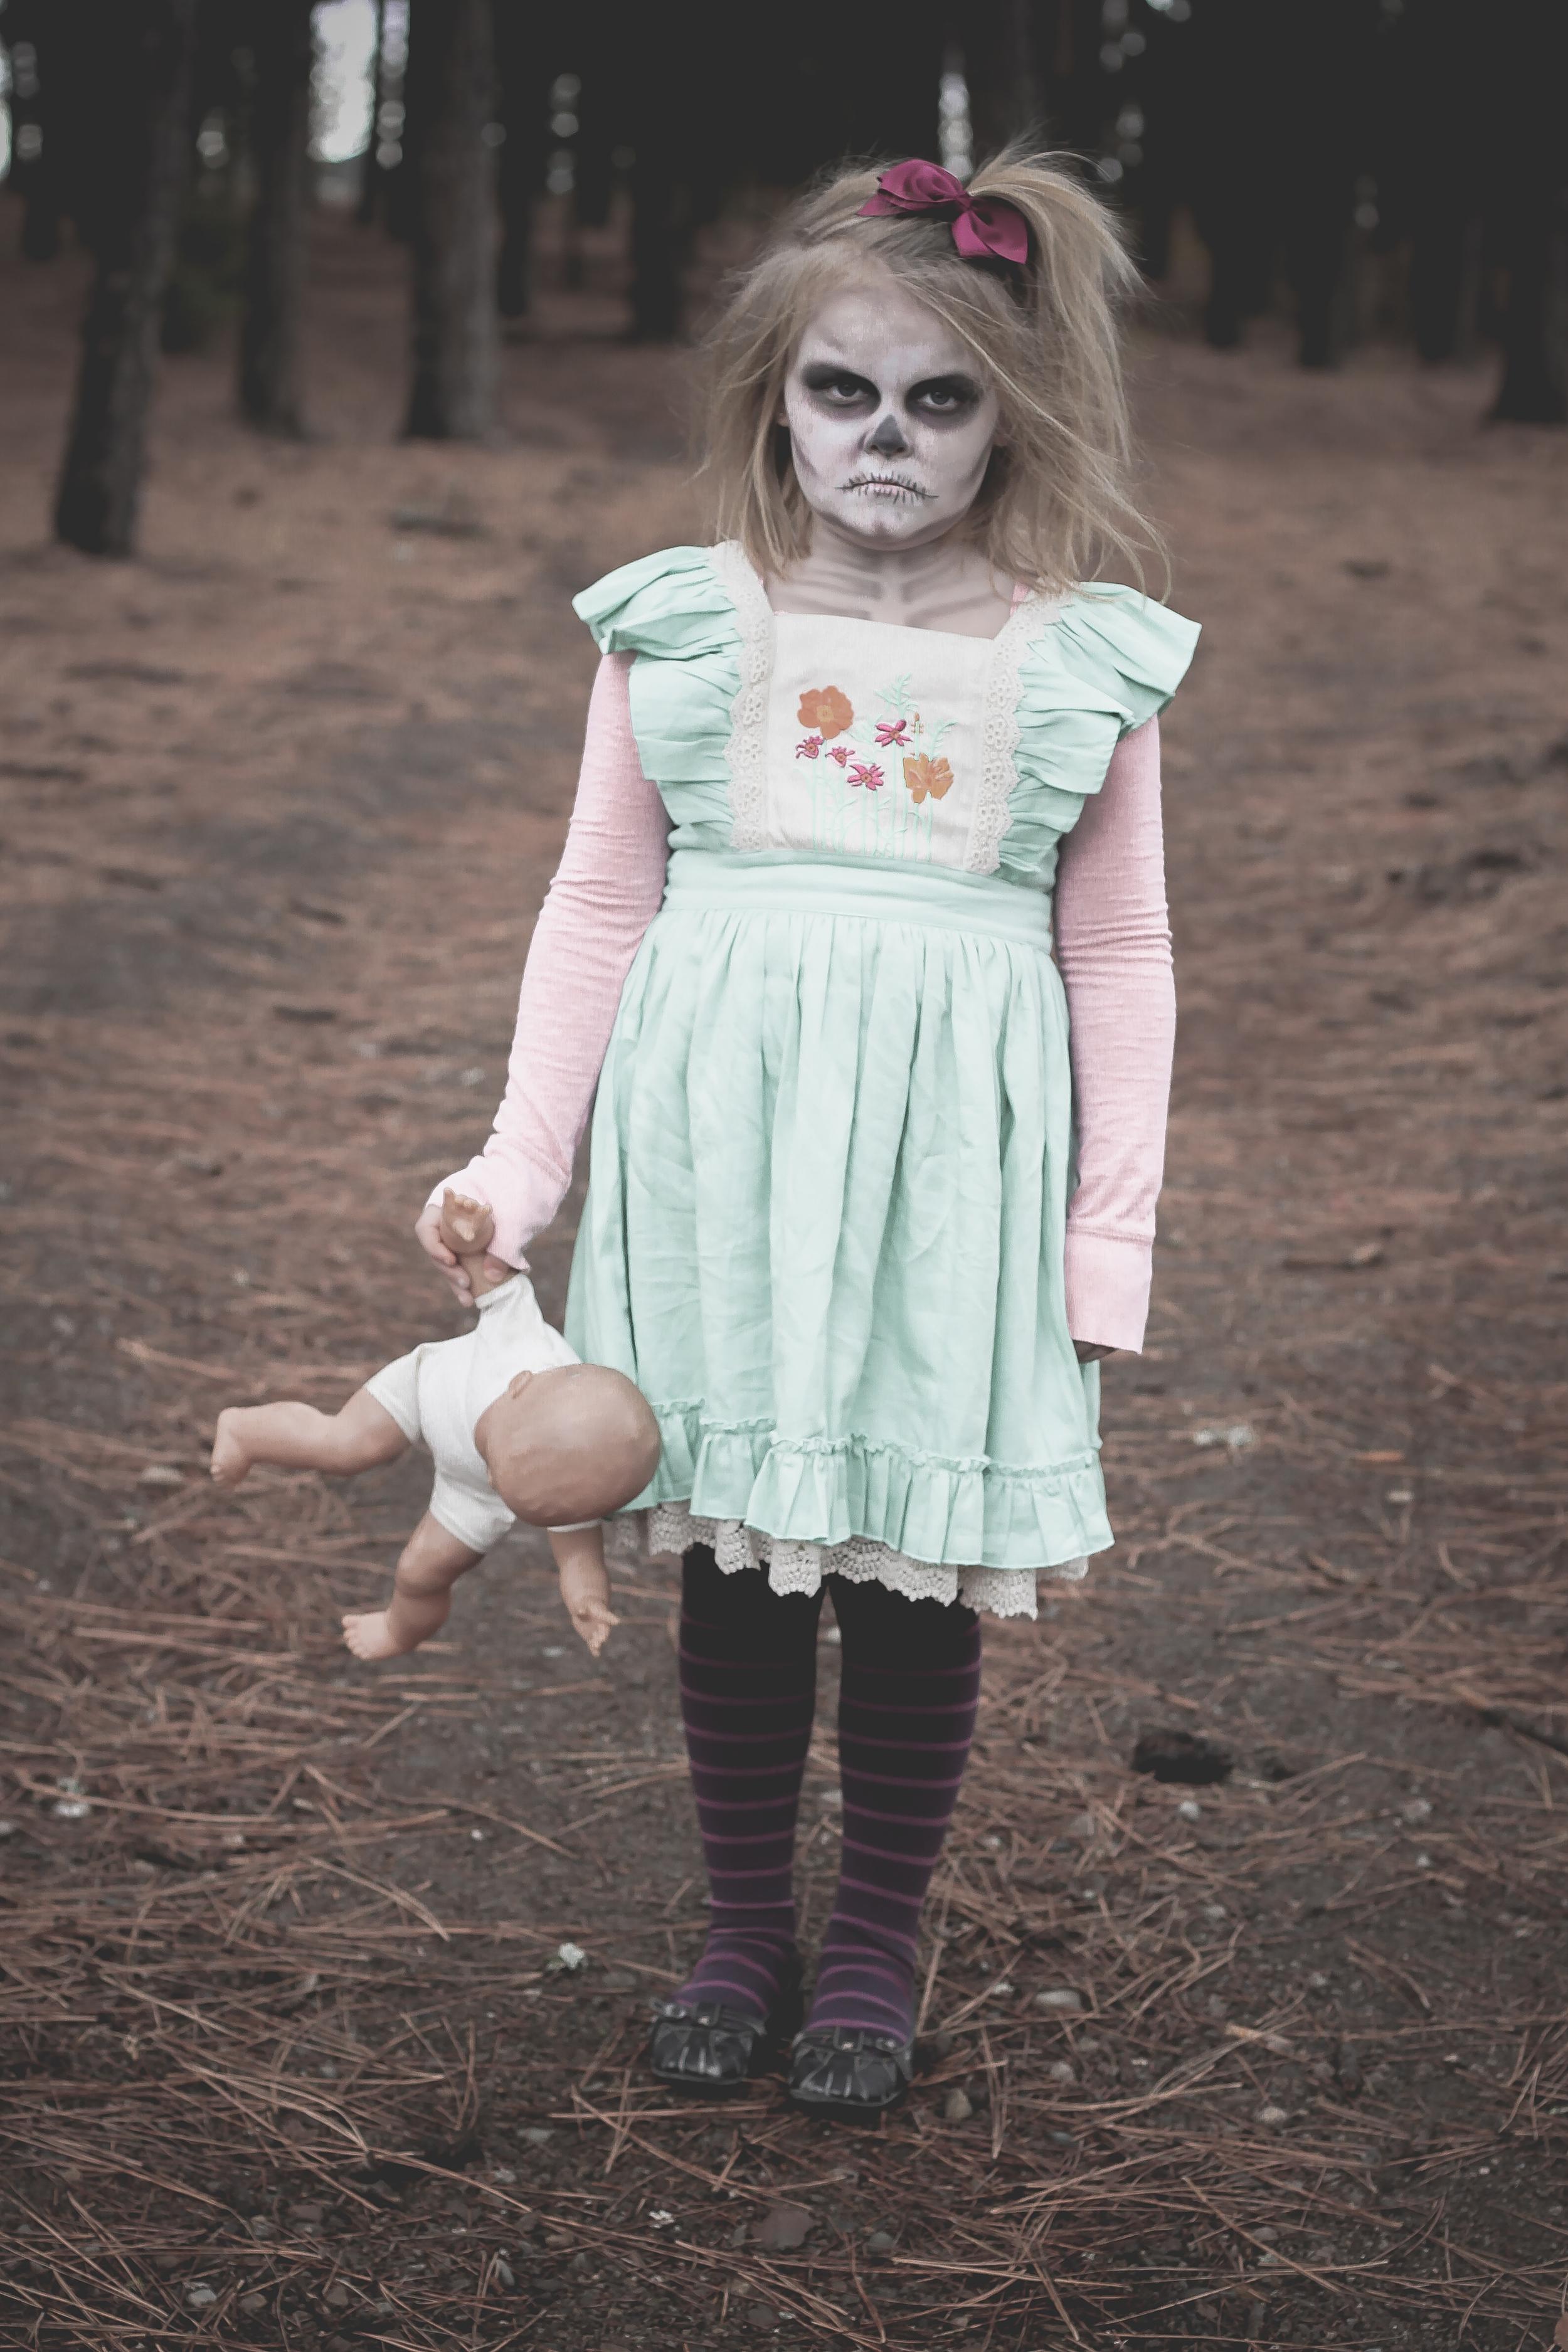 halloweenshoot2015-1.jpg